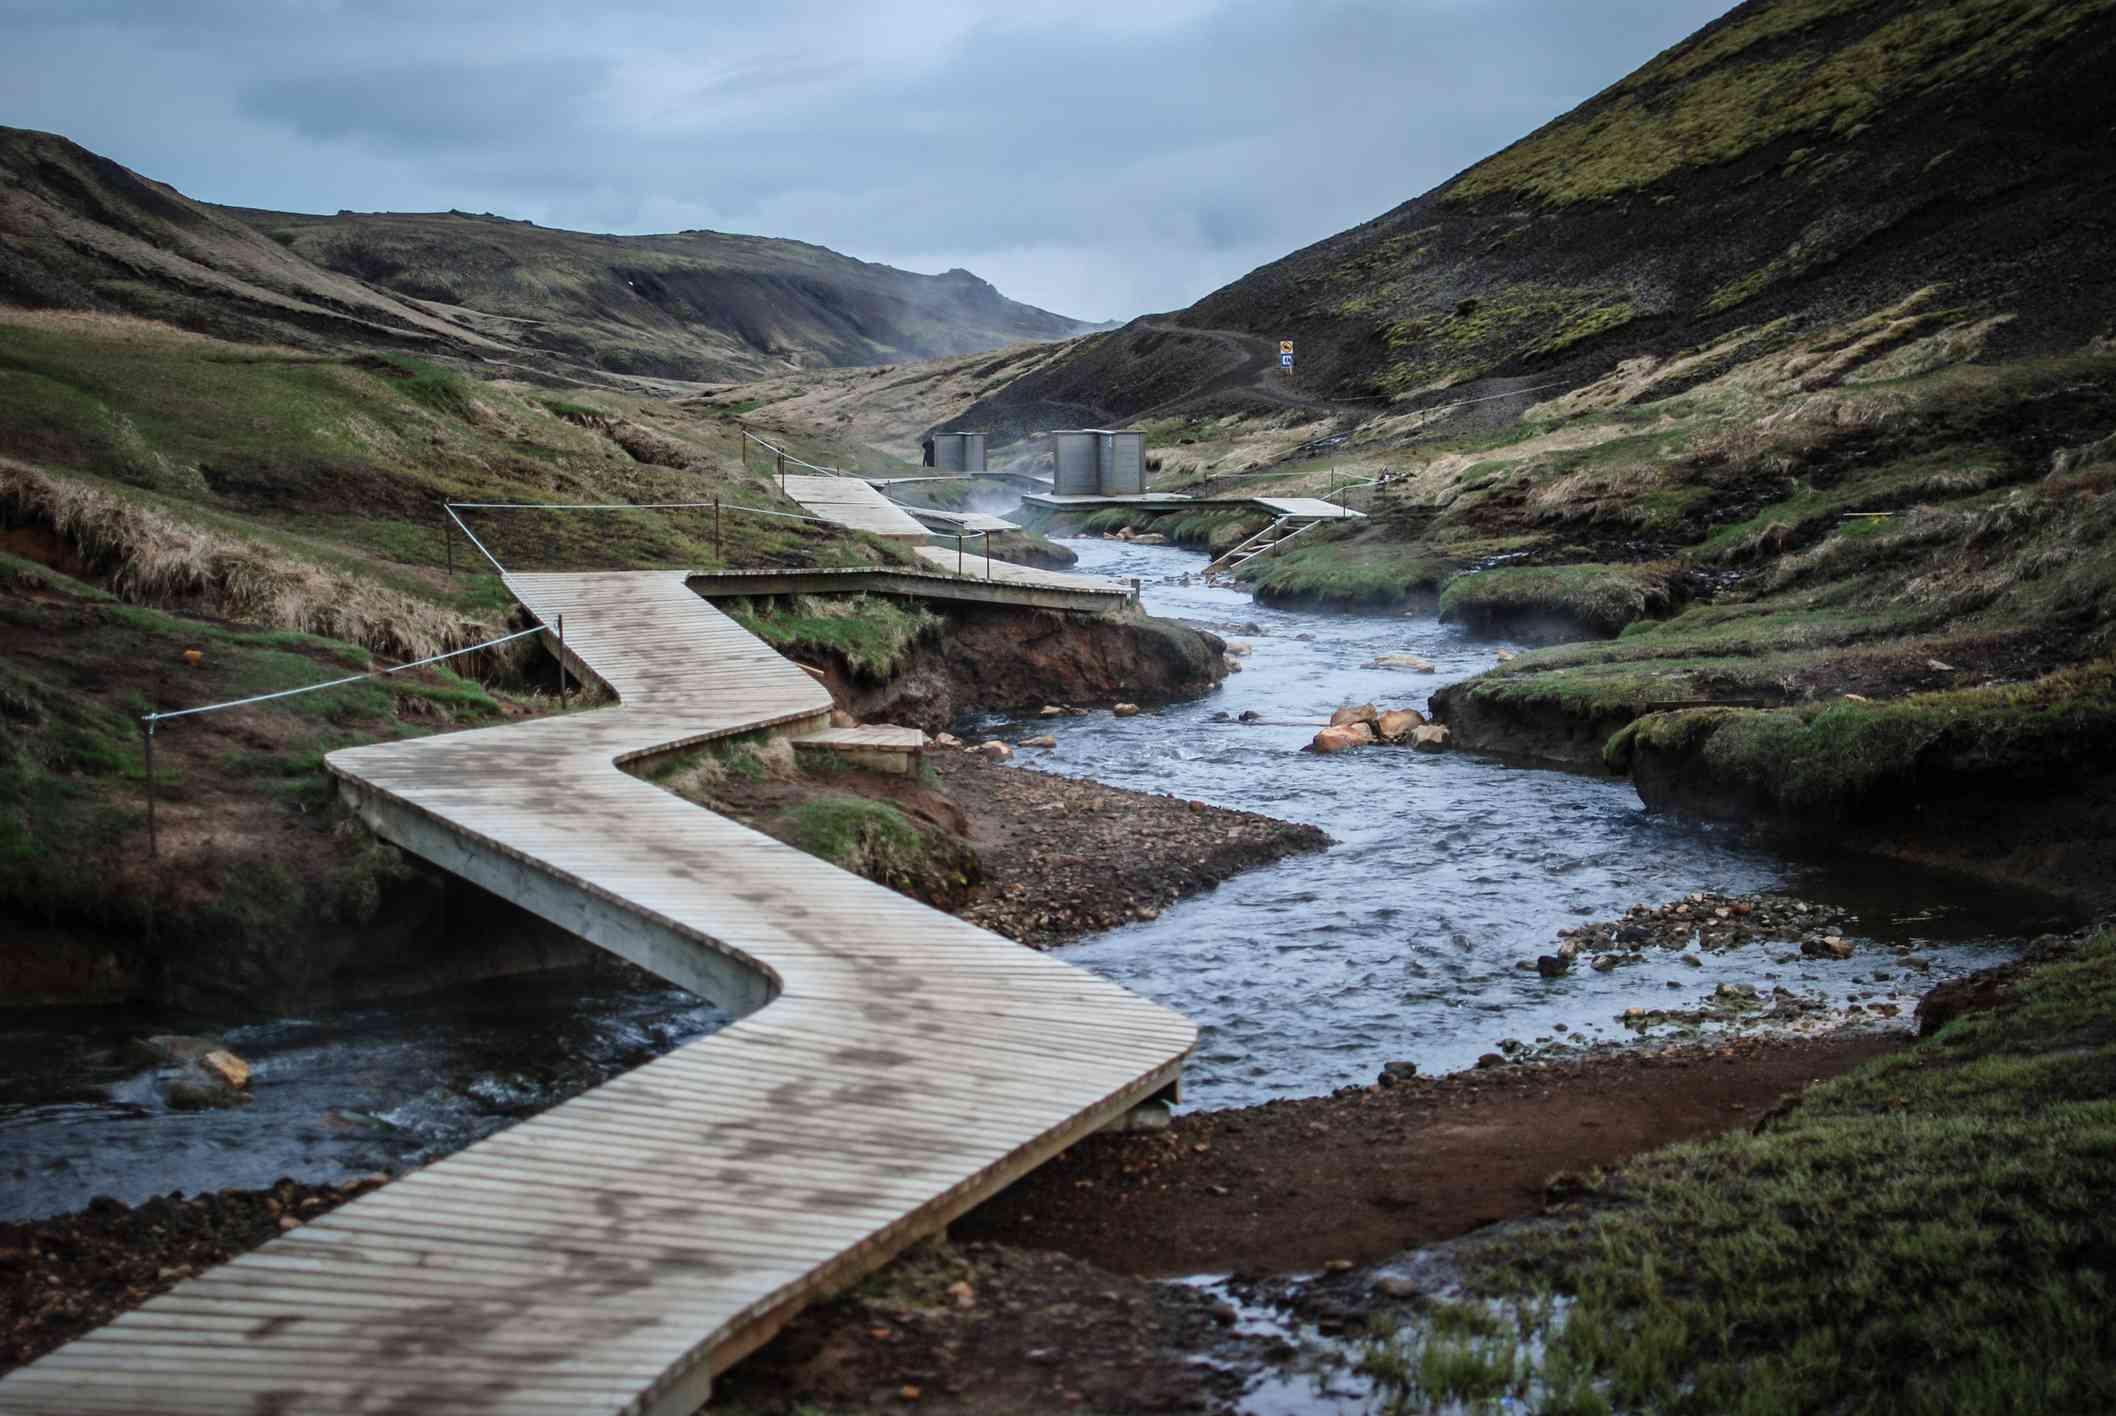 Reykjadalur Hot Spring River in Iceland